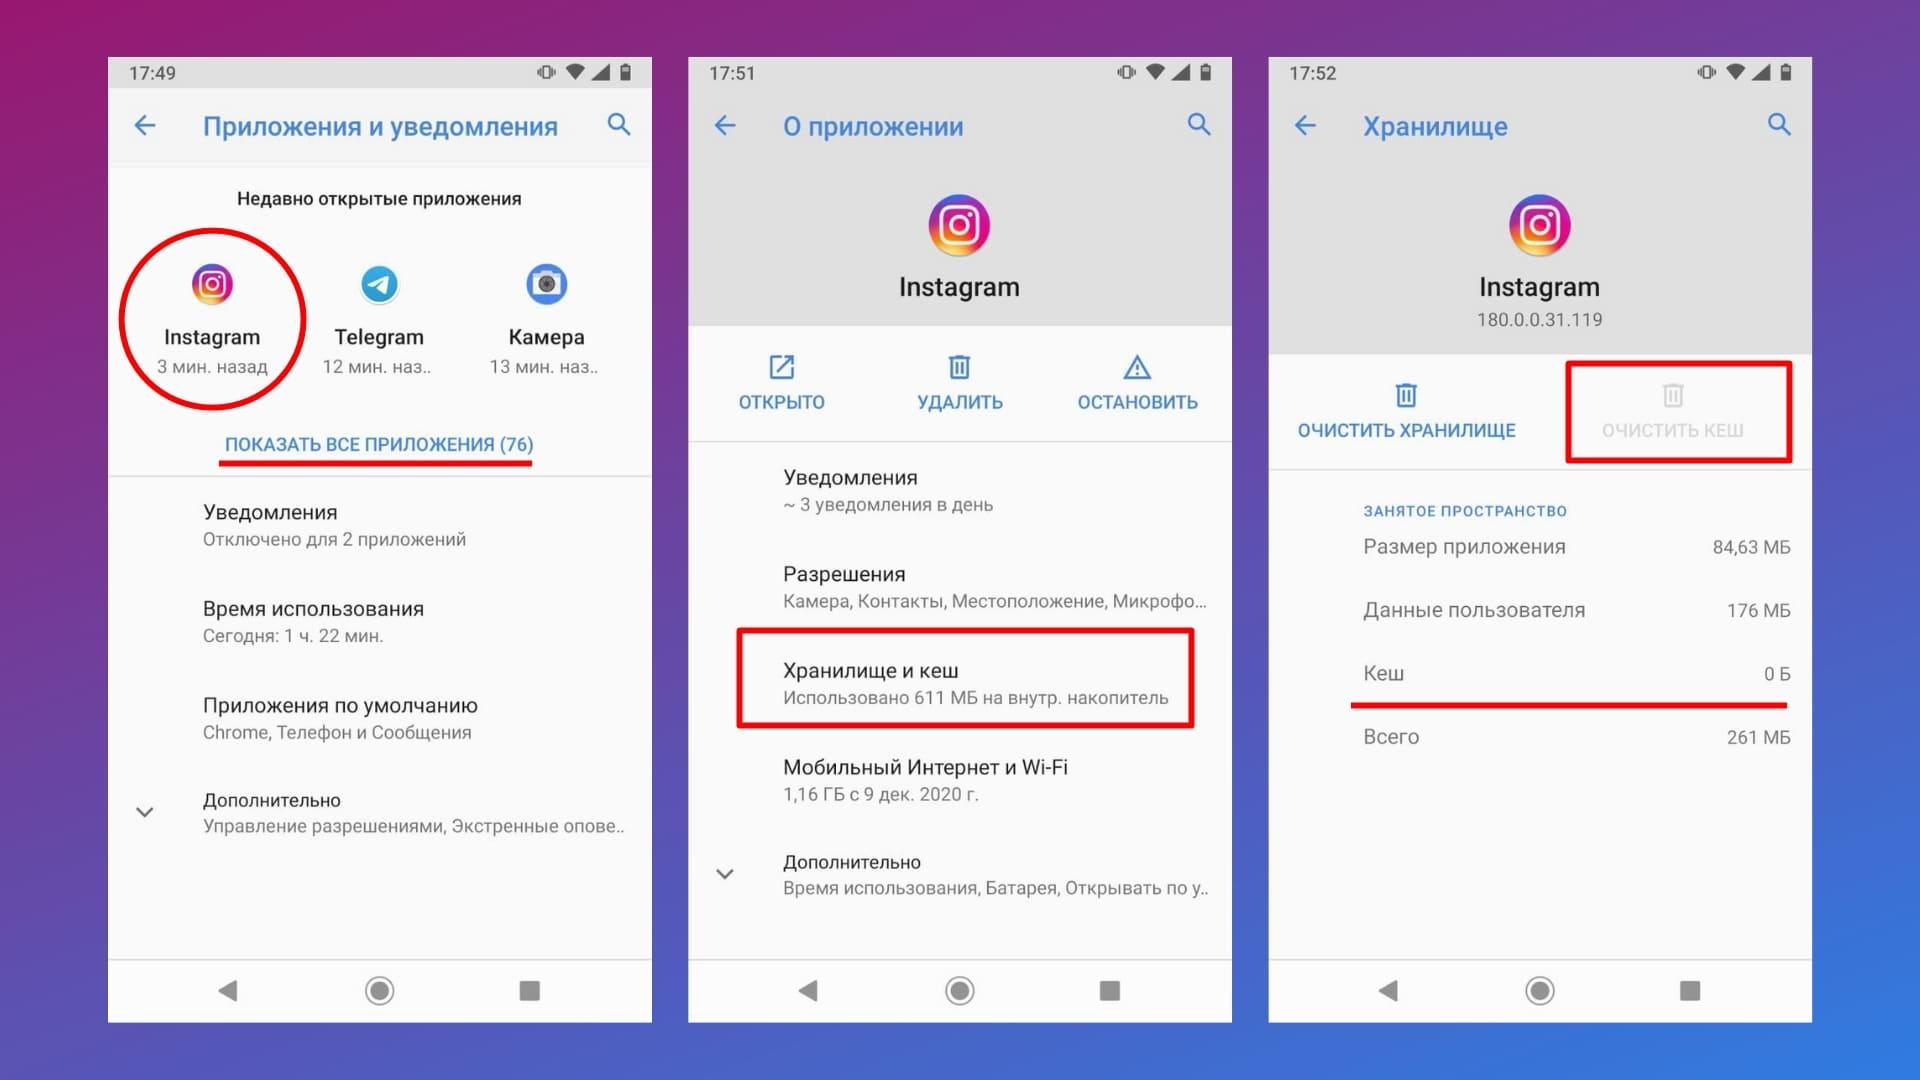 Как очистить кэш в Инстаграме на Андроиде